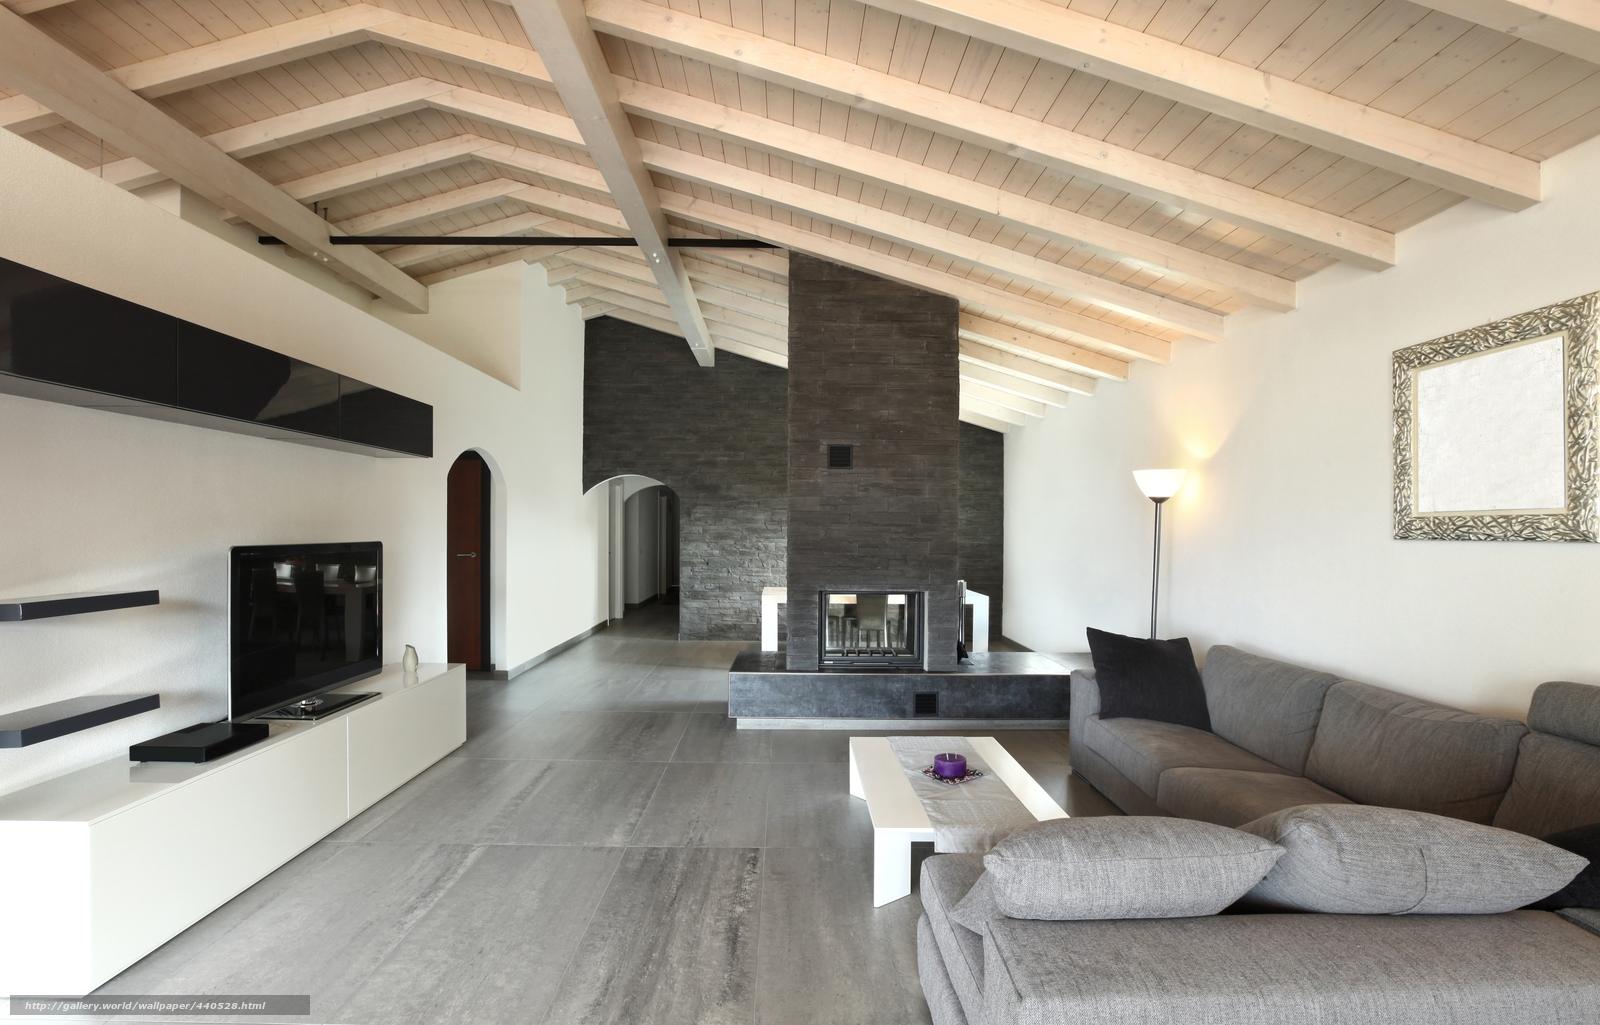 Tapete grau, Stil, Design, Wohnzimmer, Innen- №440528 / Abschnitt ...